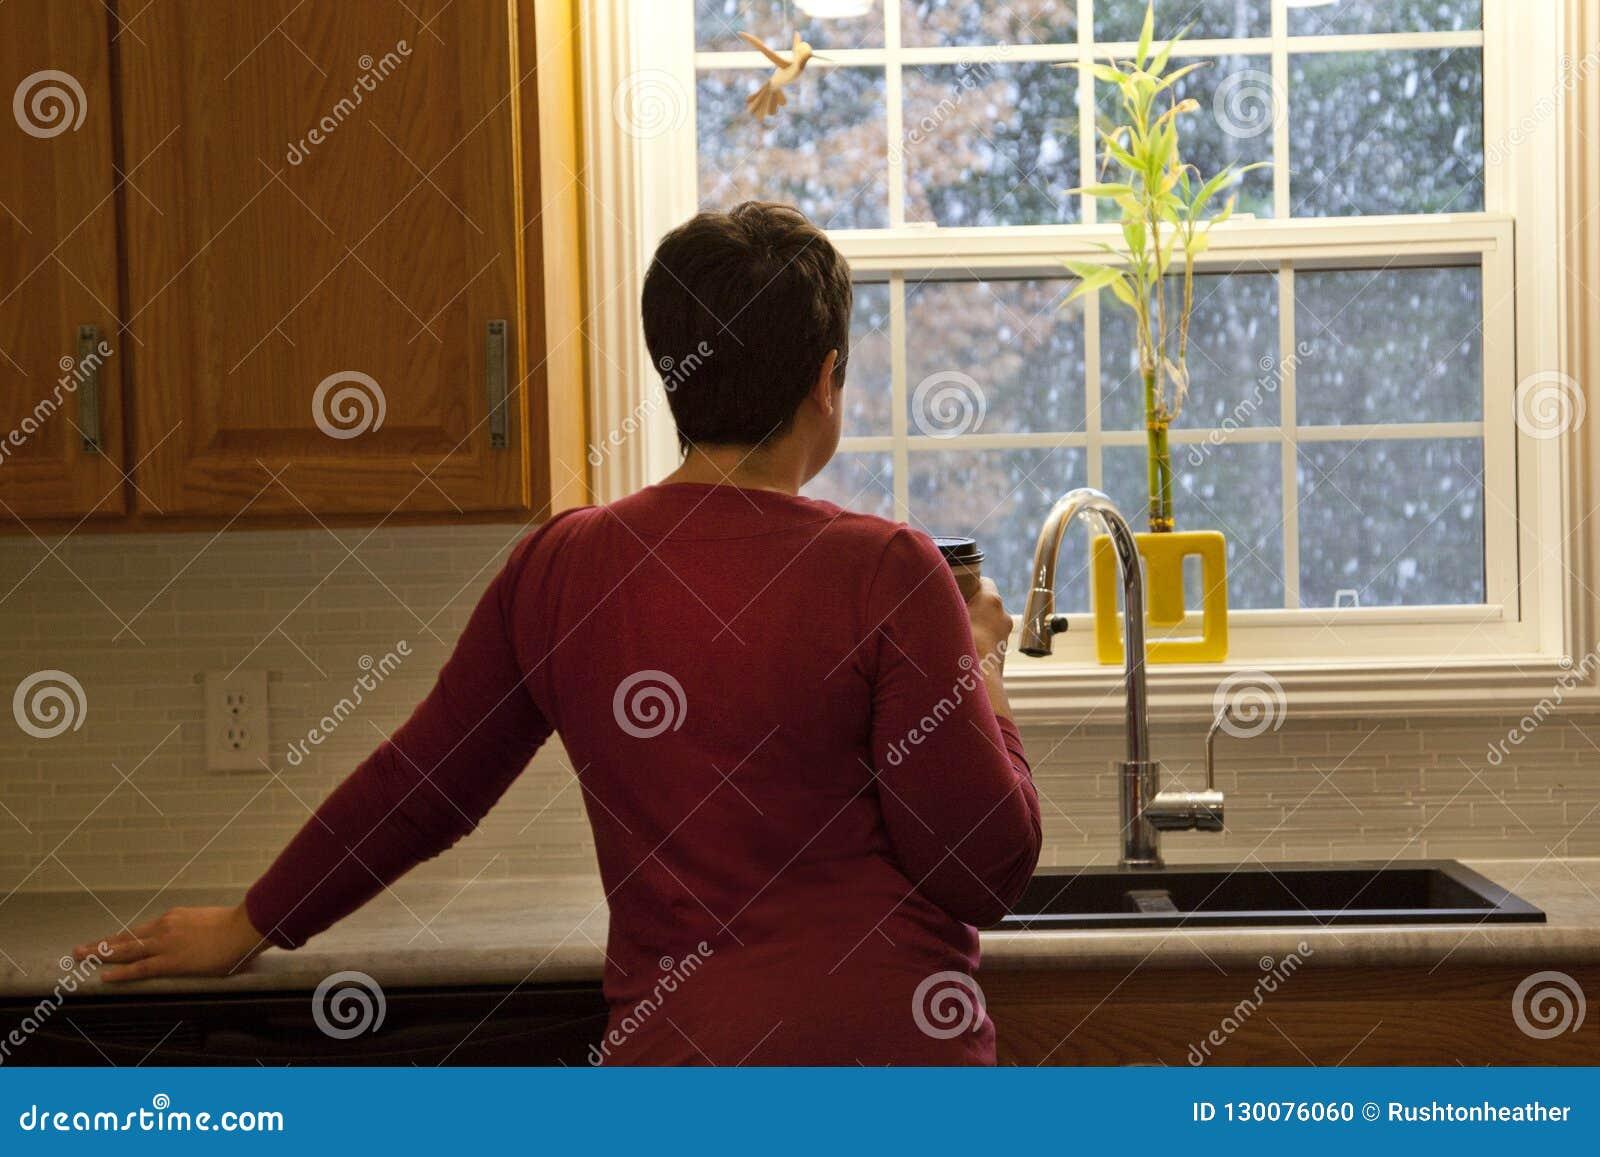 Índice em casa no inverno